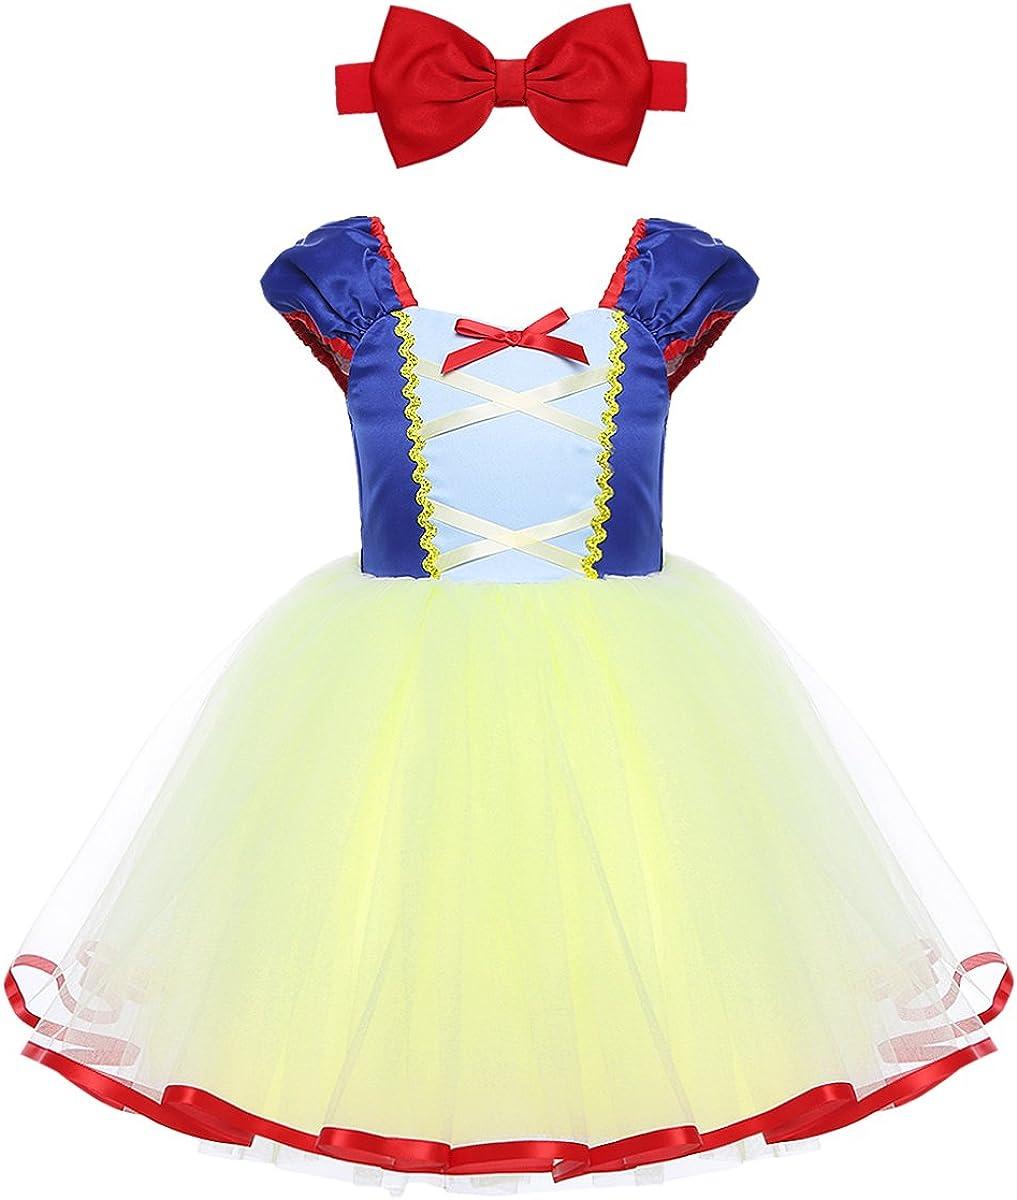 CHICTRY Vestido Tutú de Princesa Bebé Niñas Disfraz Infantil Vestido de Fiesta Carnaval con Tocado Cosplay Anime 1-5 Años